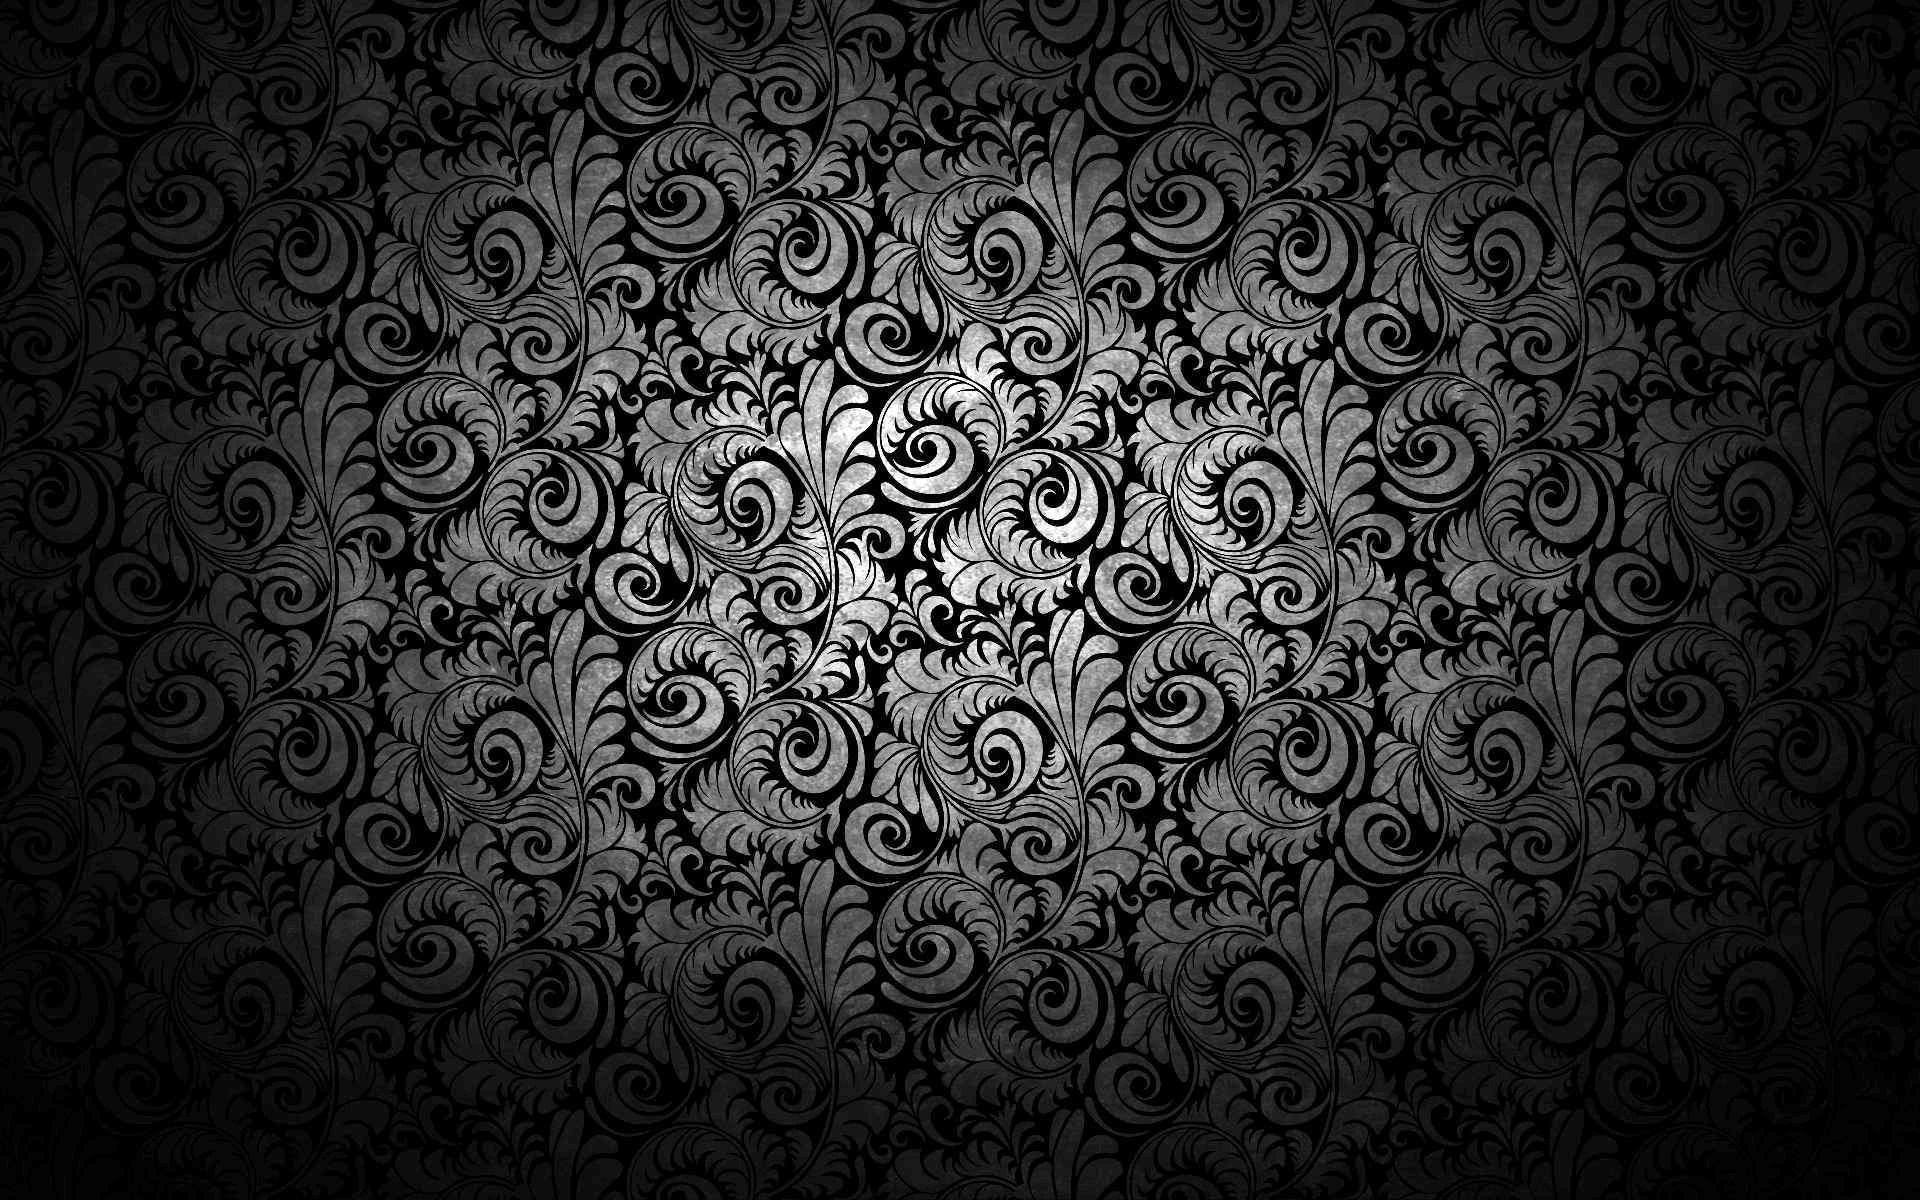 Черный фон с узорами и завитками 1920x1200